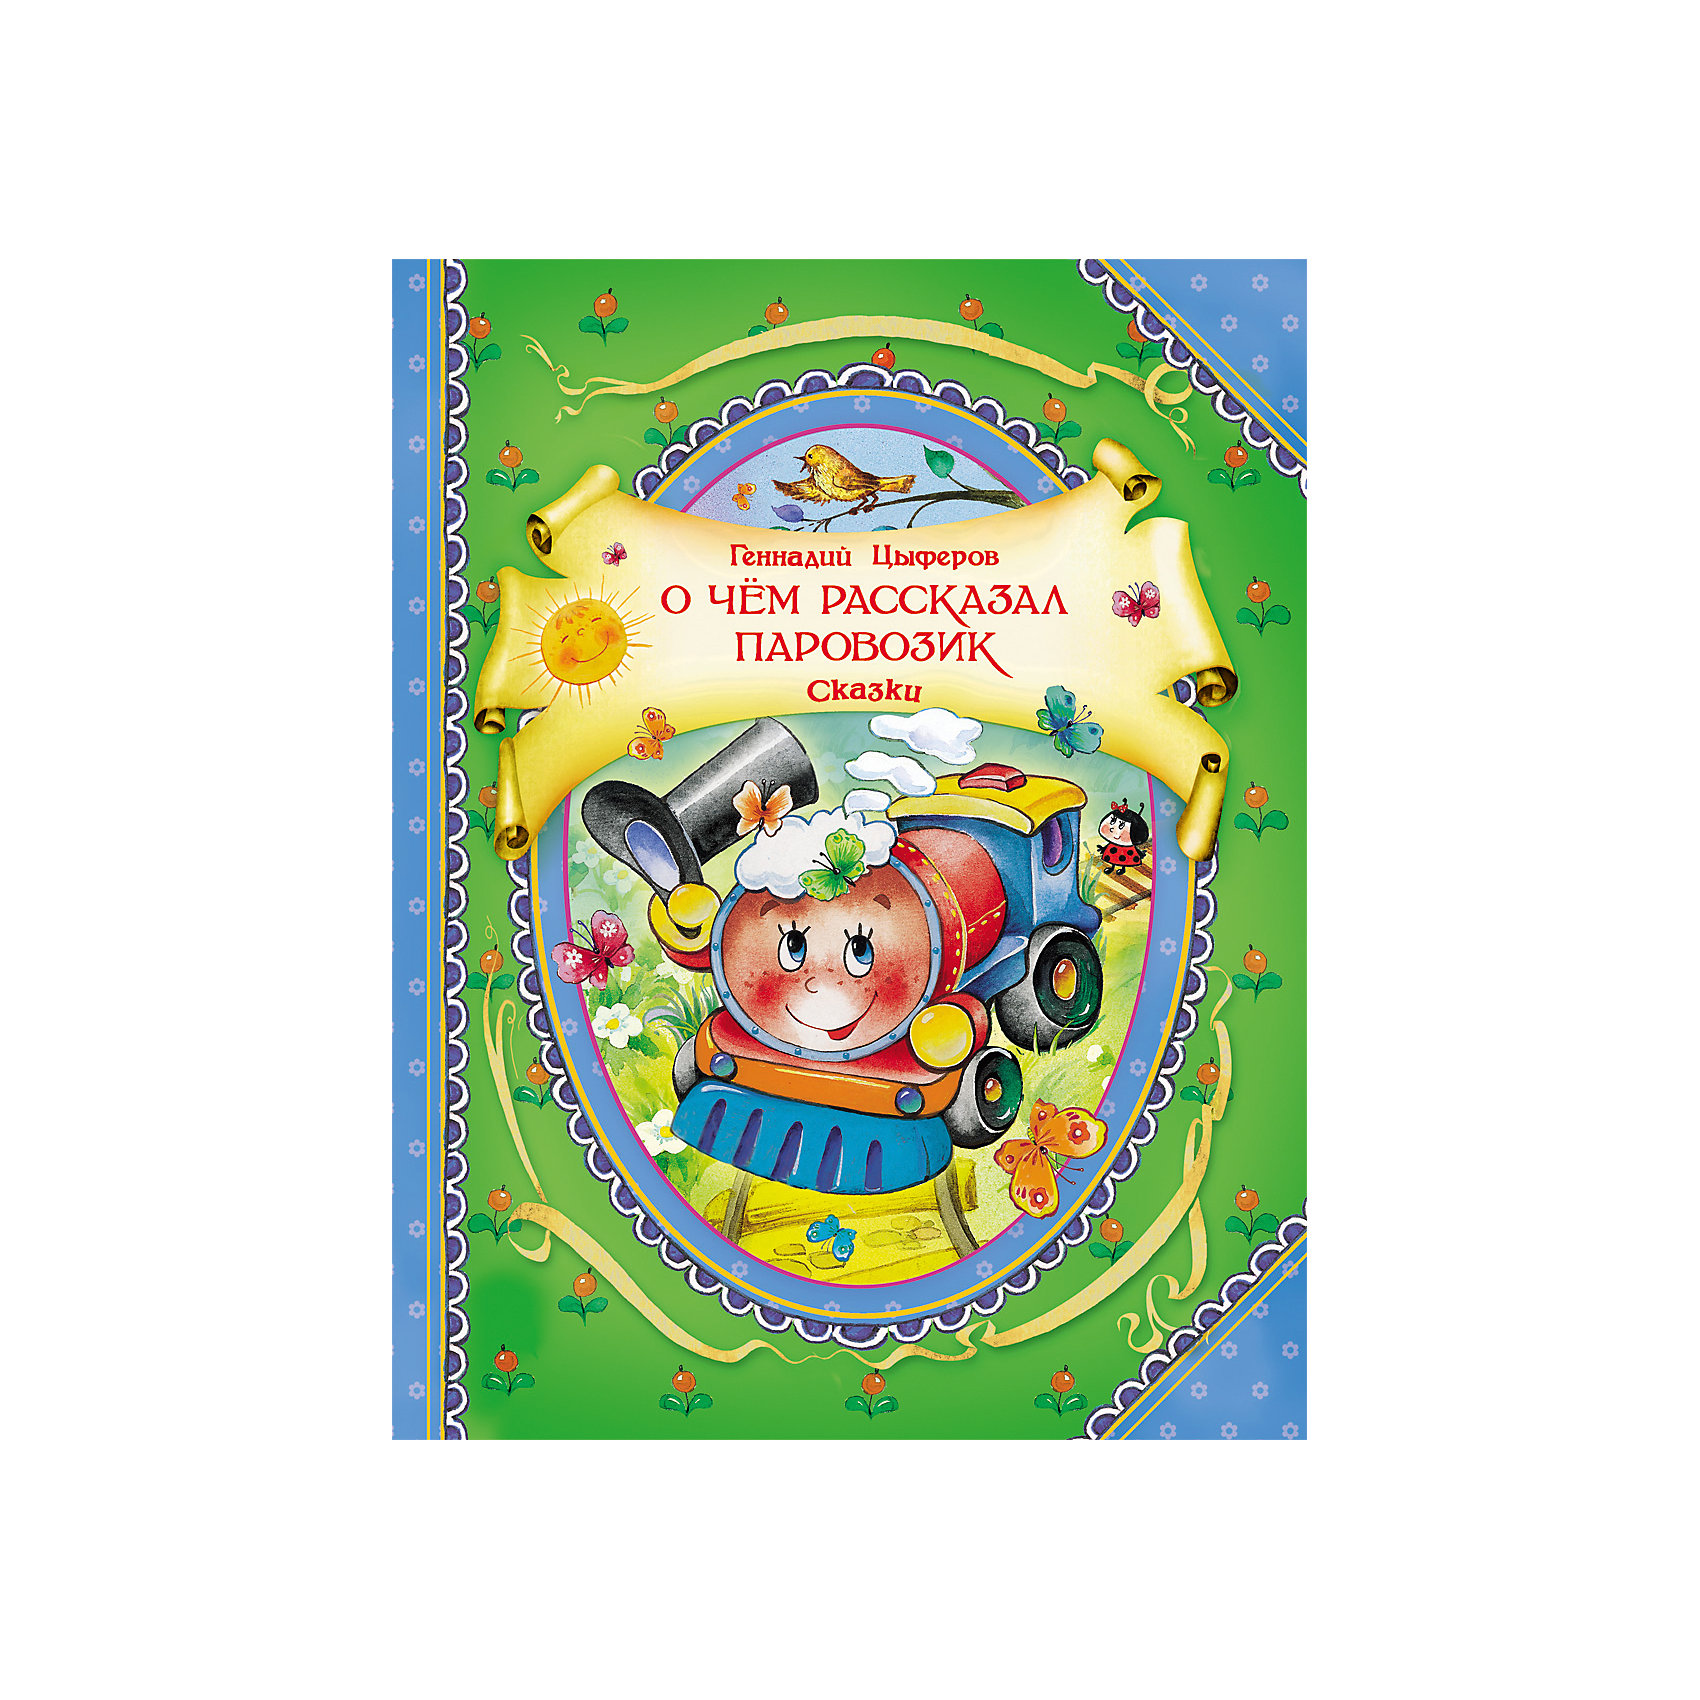 О чем рассказал паровозик, Г. ЦыферовСказки, рассказы, стихи<br>В сборник вошли сказки: «Жил на свете слонёнок», «Одинокий ослик», «Облачковое молочко», «Пароходик», «Лошарик», «О чем рассказал паровозик» и многие-многие другие. Короткие, понятные и по-настоящему добрые сказки замечательного детского писателя Геннадия Цыферова о поднявшемся в небо китенке, о грустном паровозике, о медвежонке, поросенке, малышах-цыплятах отлично подходят для чтения самым маленьким.<br><br>Ширина мм: 263<br>Глубина мм: 201<br>Высота мм: 10<br>Вес г: 508<br>Возраст от месяцев: 36<br>Возраст до месяцев: 84<br>Пол: Унисекс<br>Возраст: Детский<br>SKU: 4782434